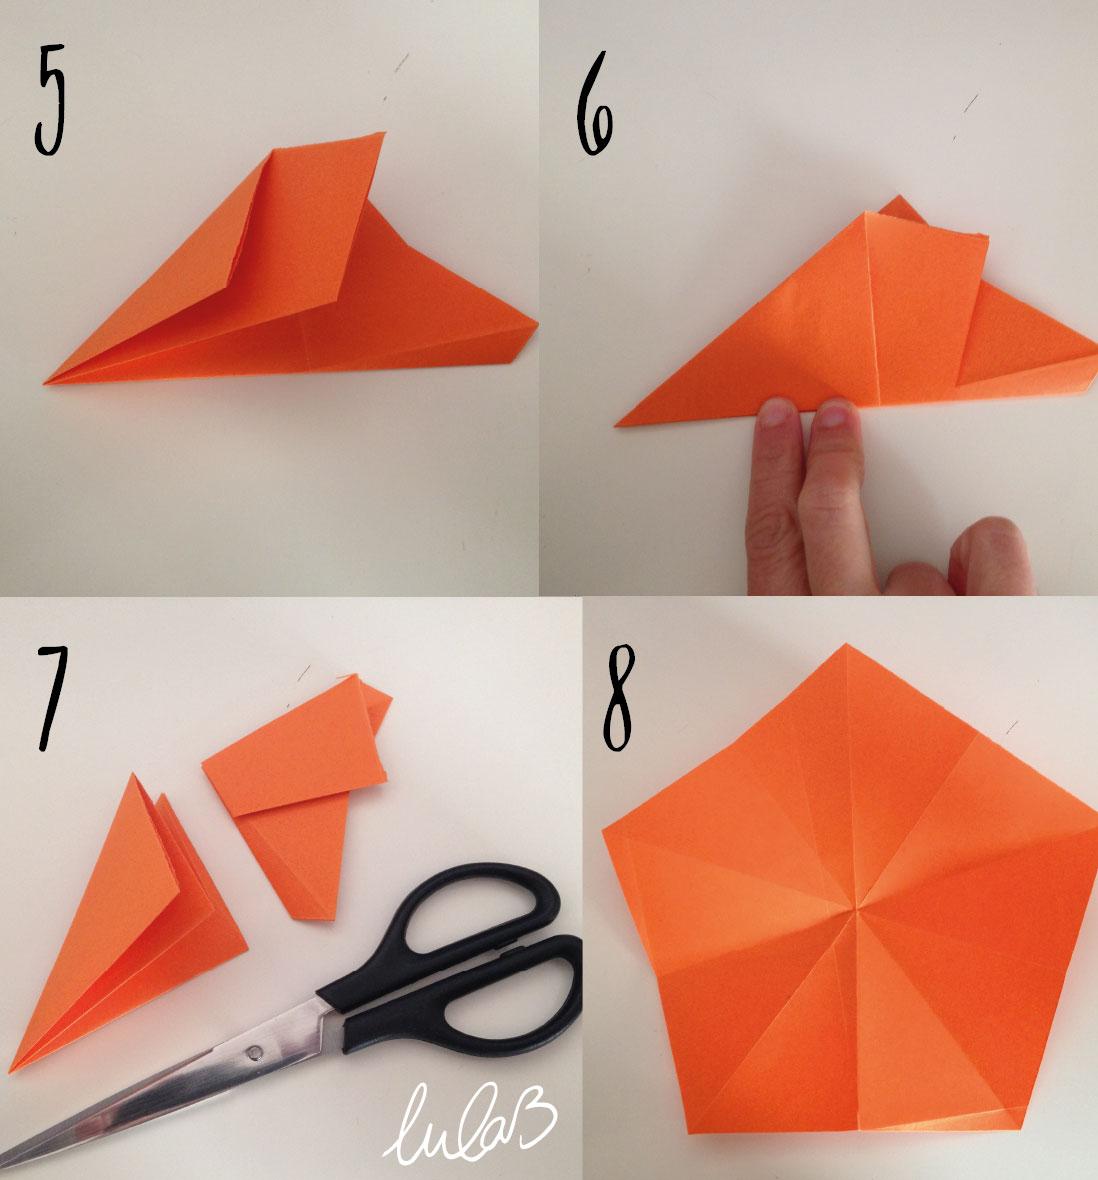 Diy 12 Estrella De Origami De 5 Puntas Diseño Gráfico Lulab